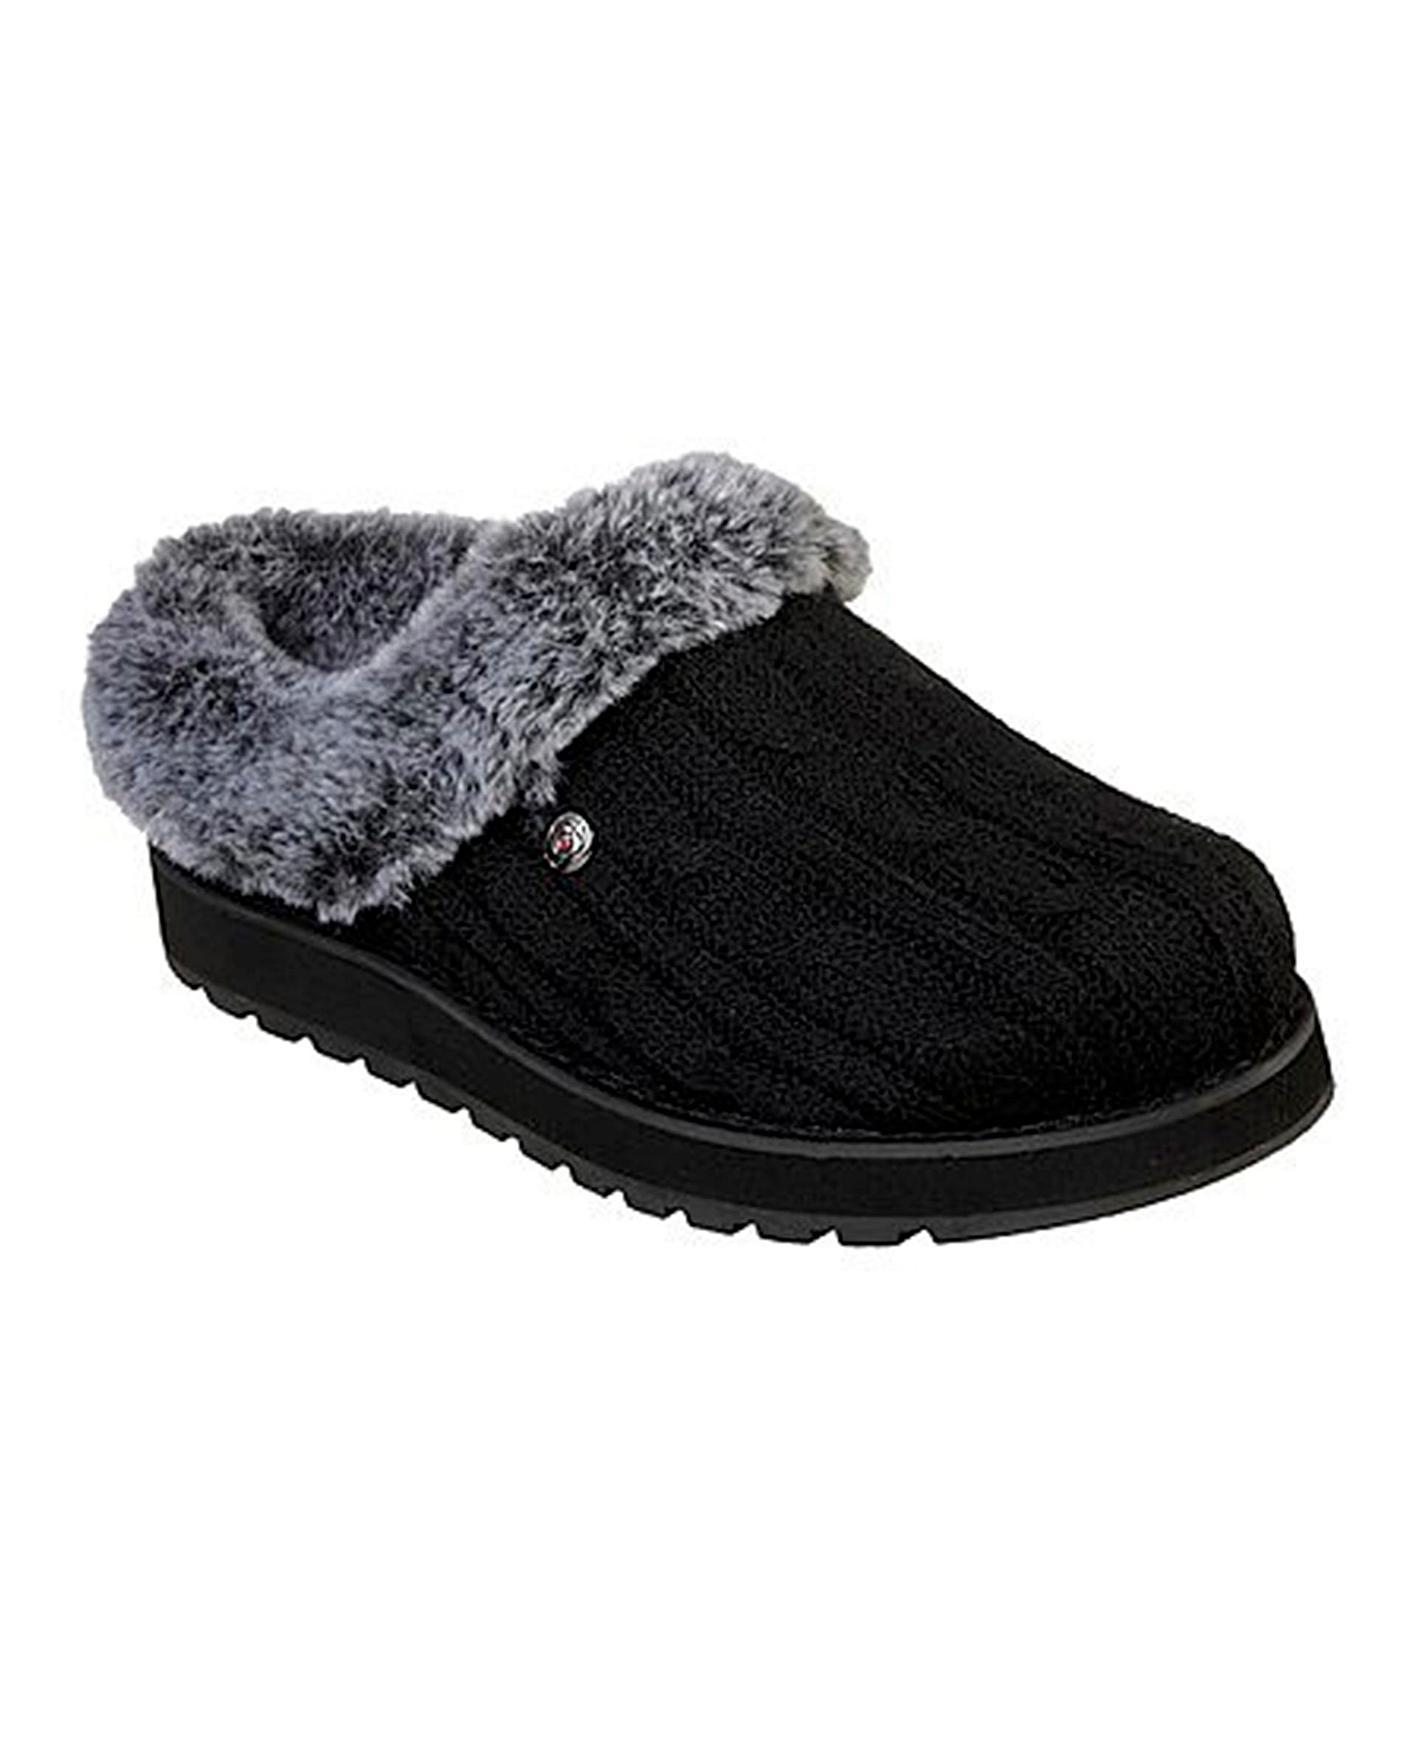 Skechers Slippers Standard Fit   J D